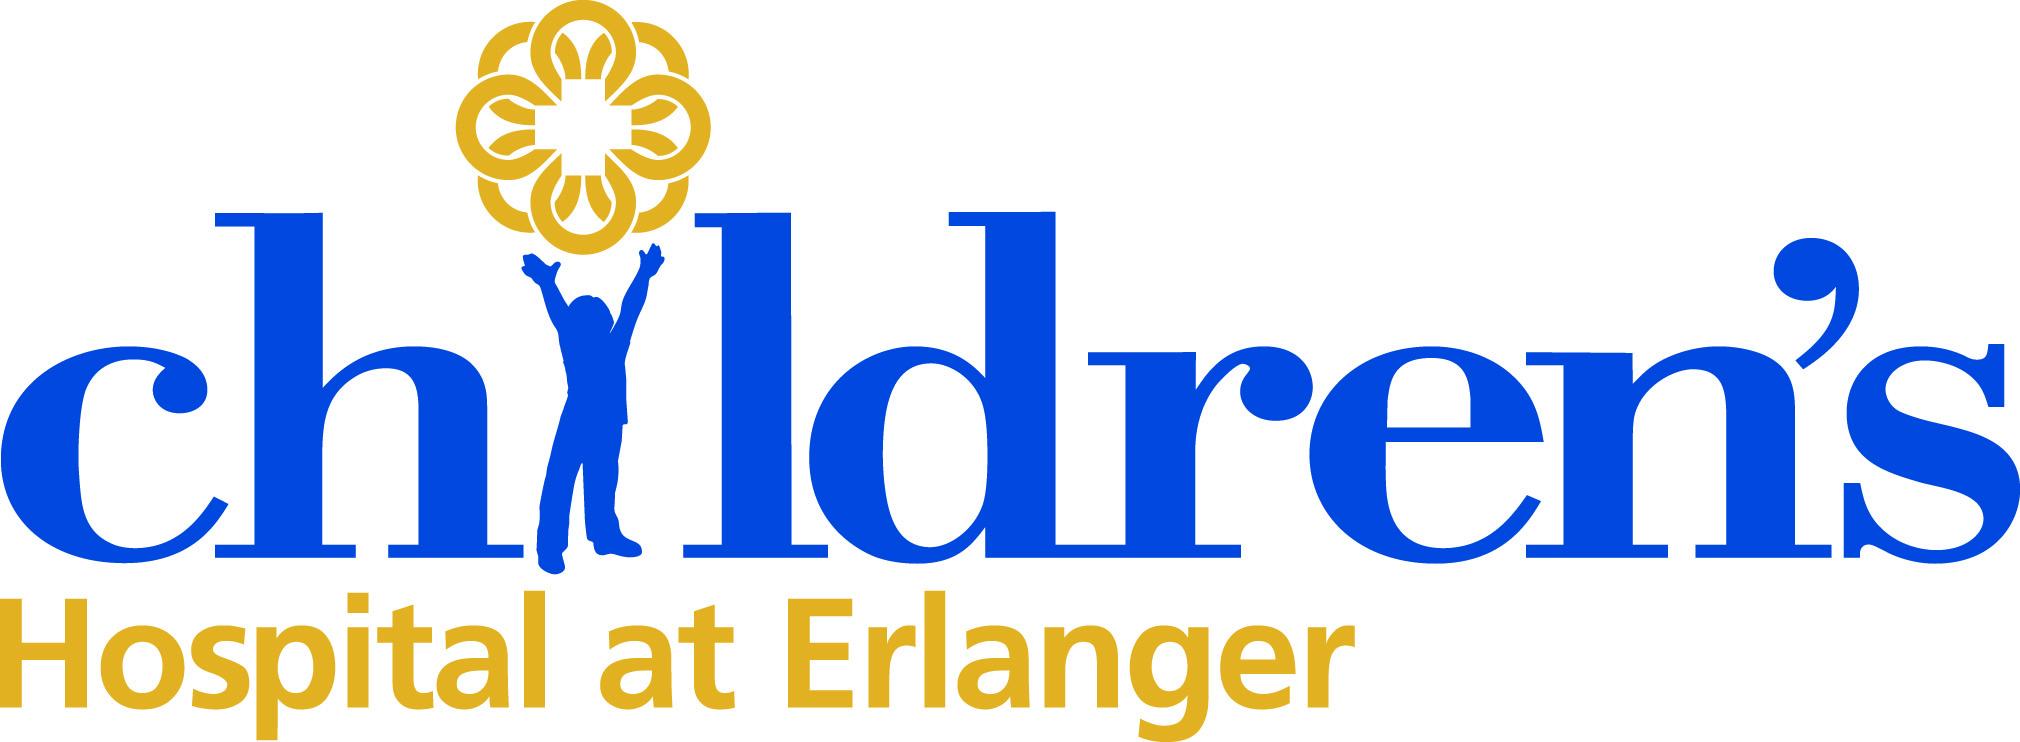 New Children's Hospital at Erlanger logo